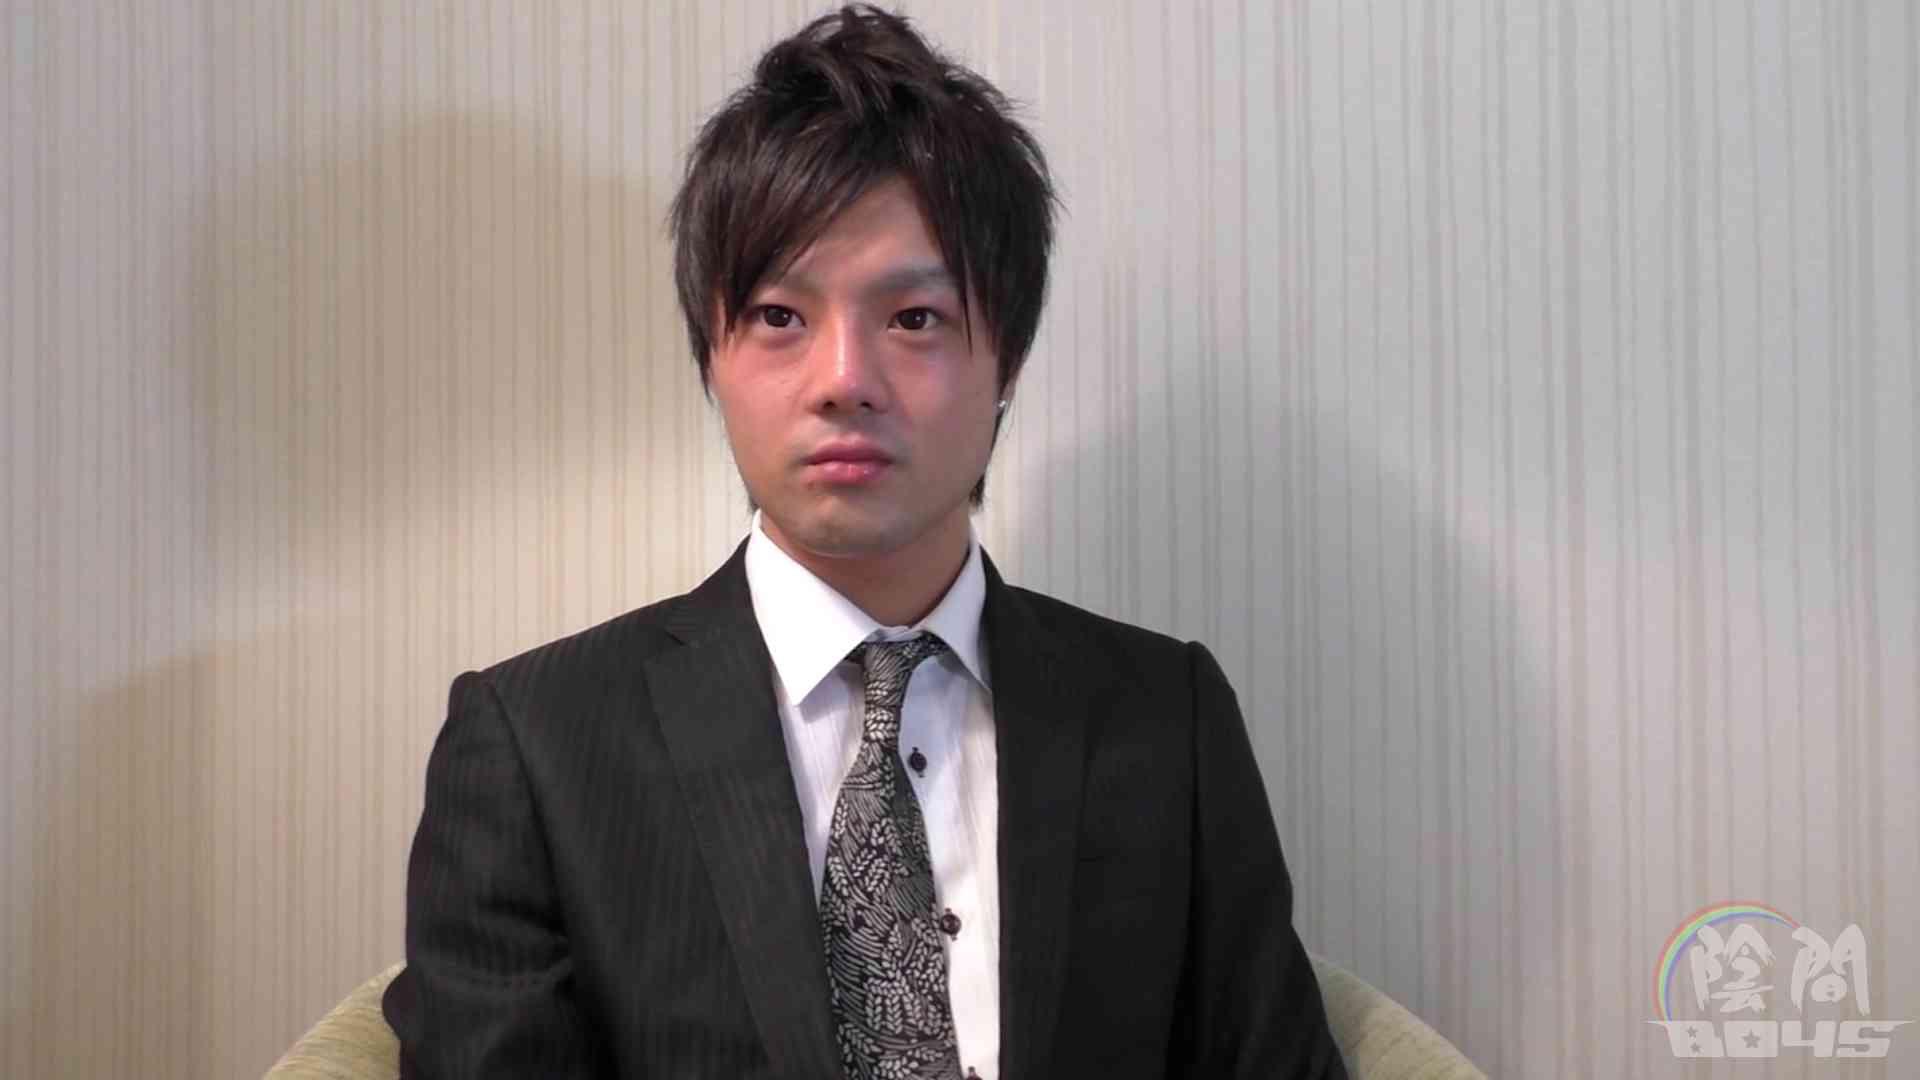 """キャバクラの仕事は""""アナル""""から1 Vol.03 イメージ (sex) 男同士動画 104枚 45"""